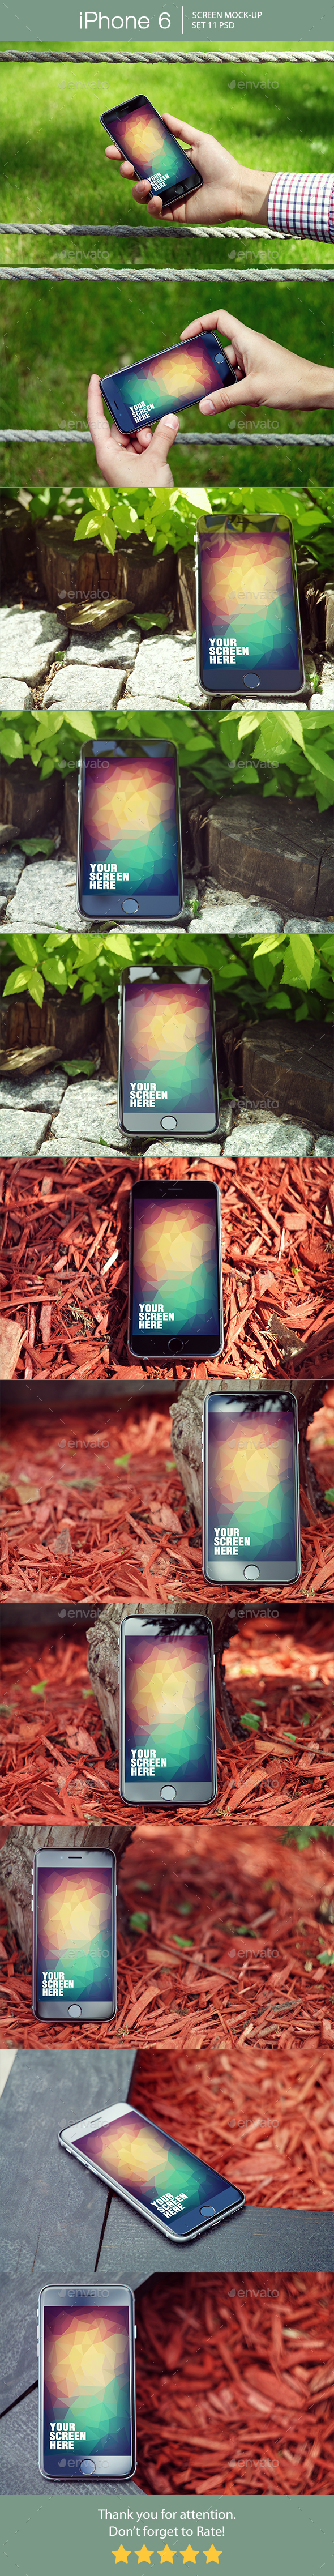 iPhone 6 Screen Mockup - Mobile Displays